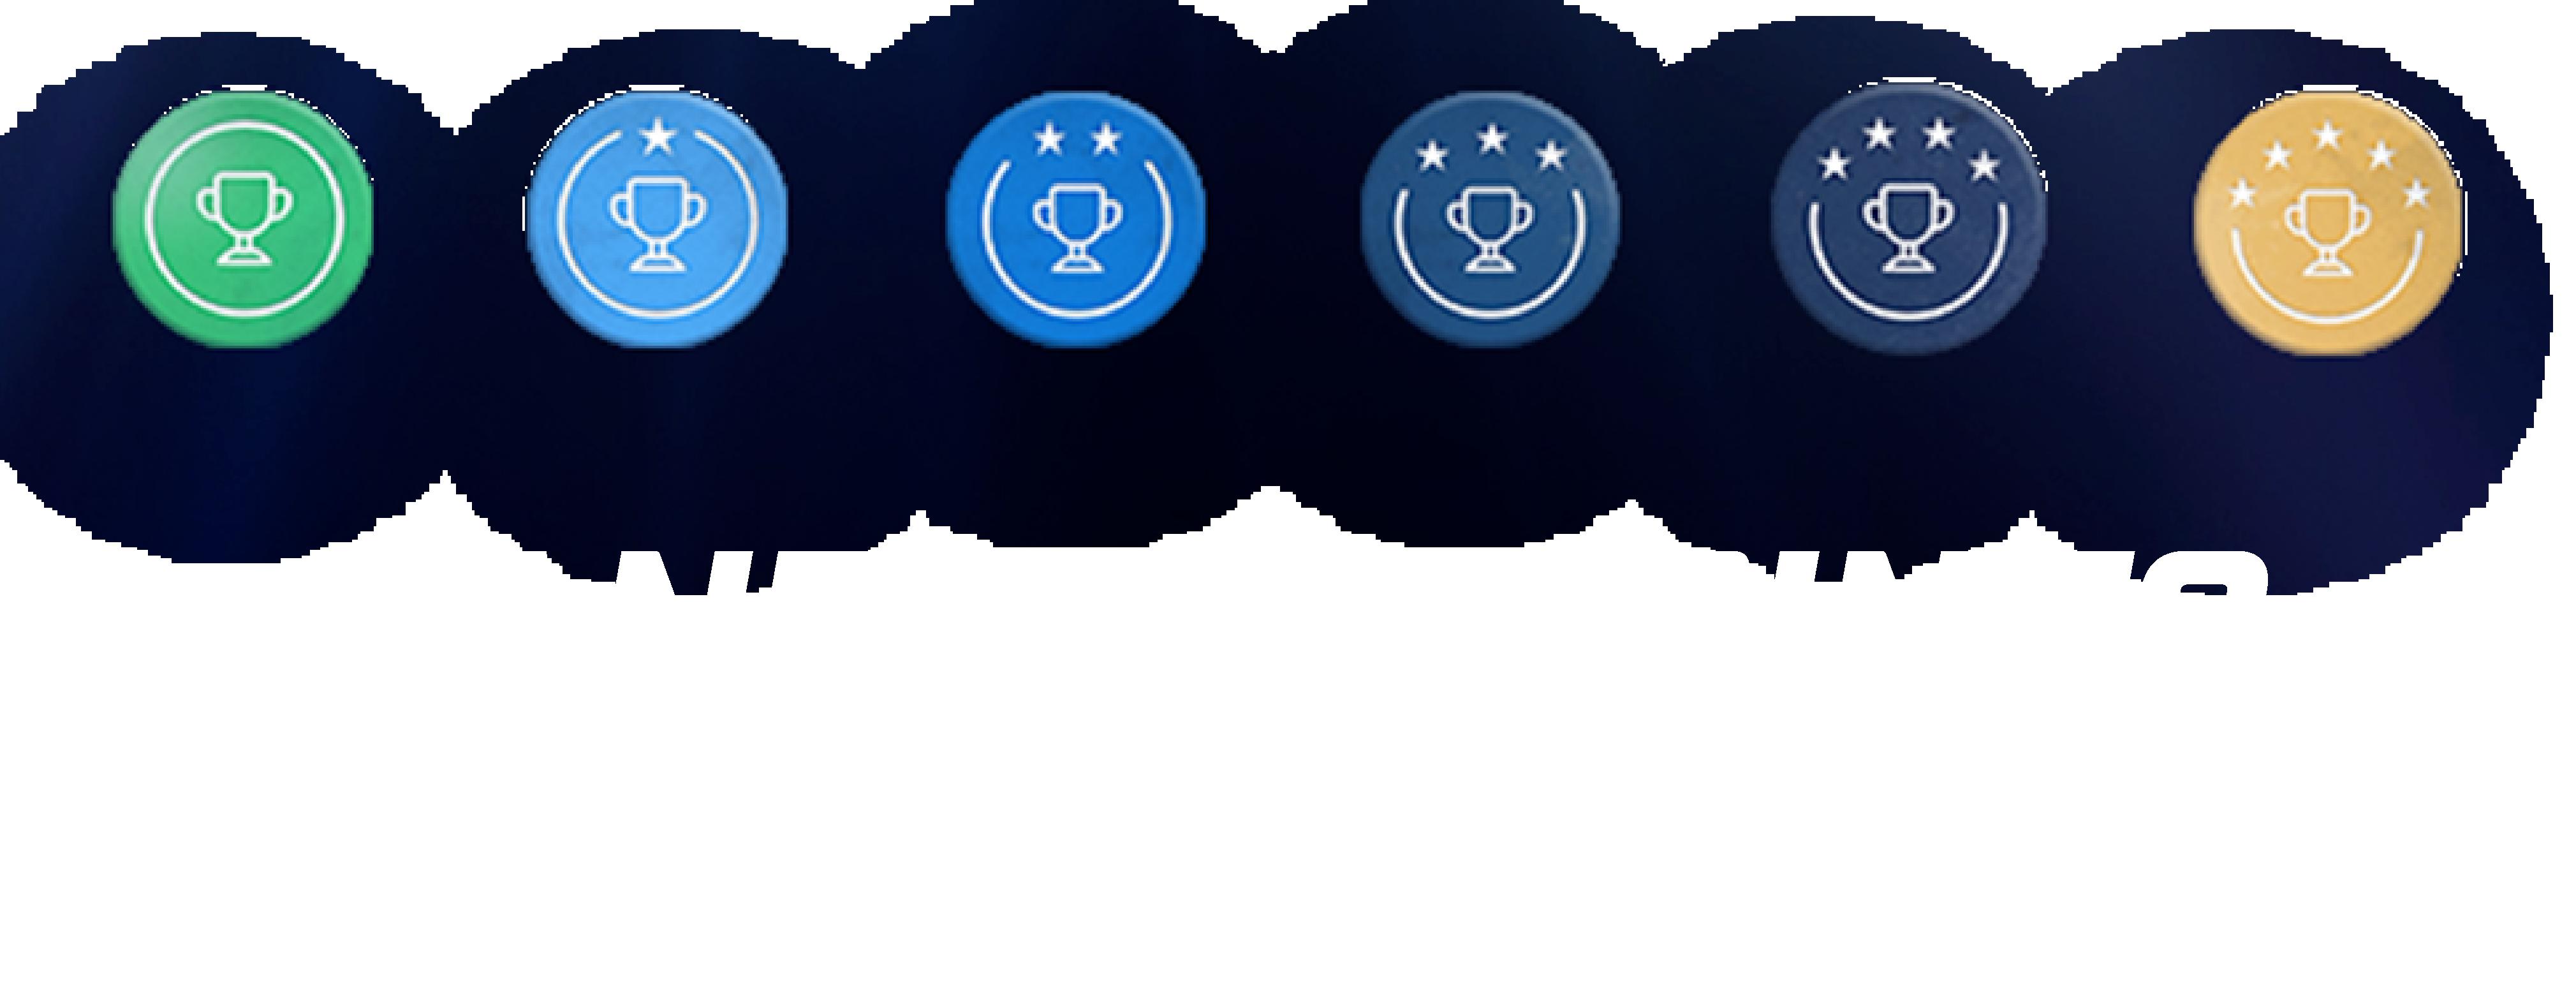 FanDuel Points